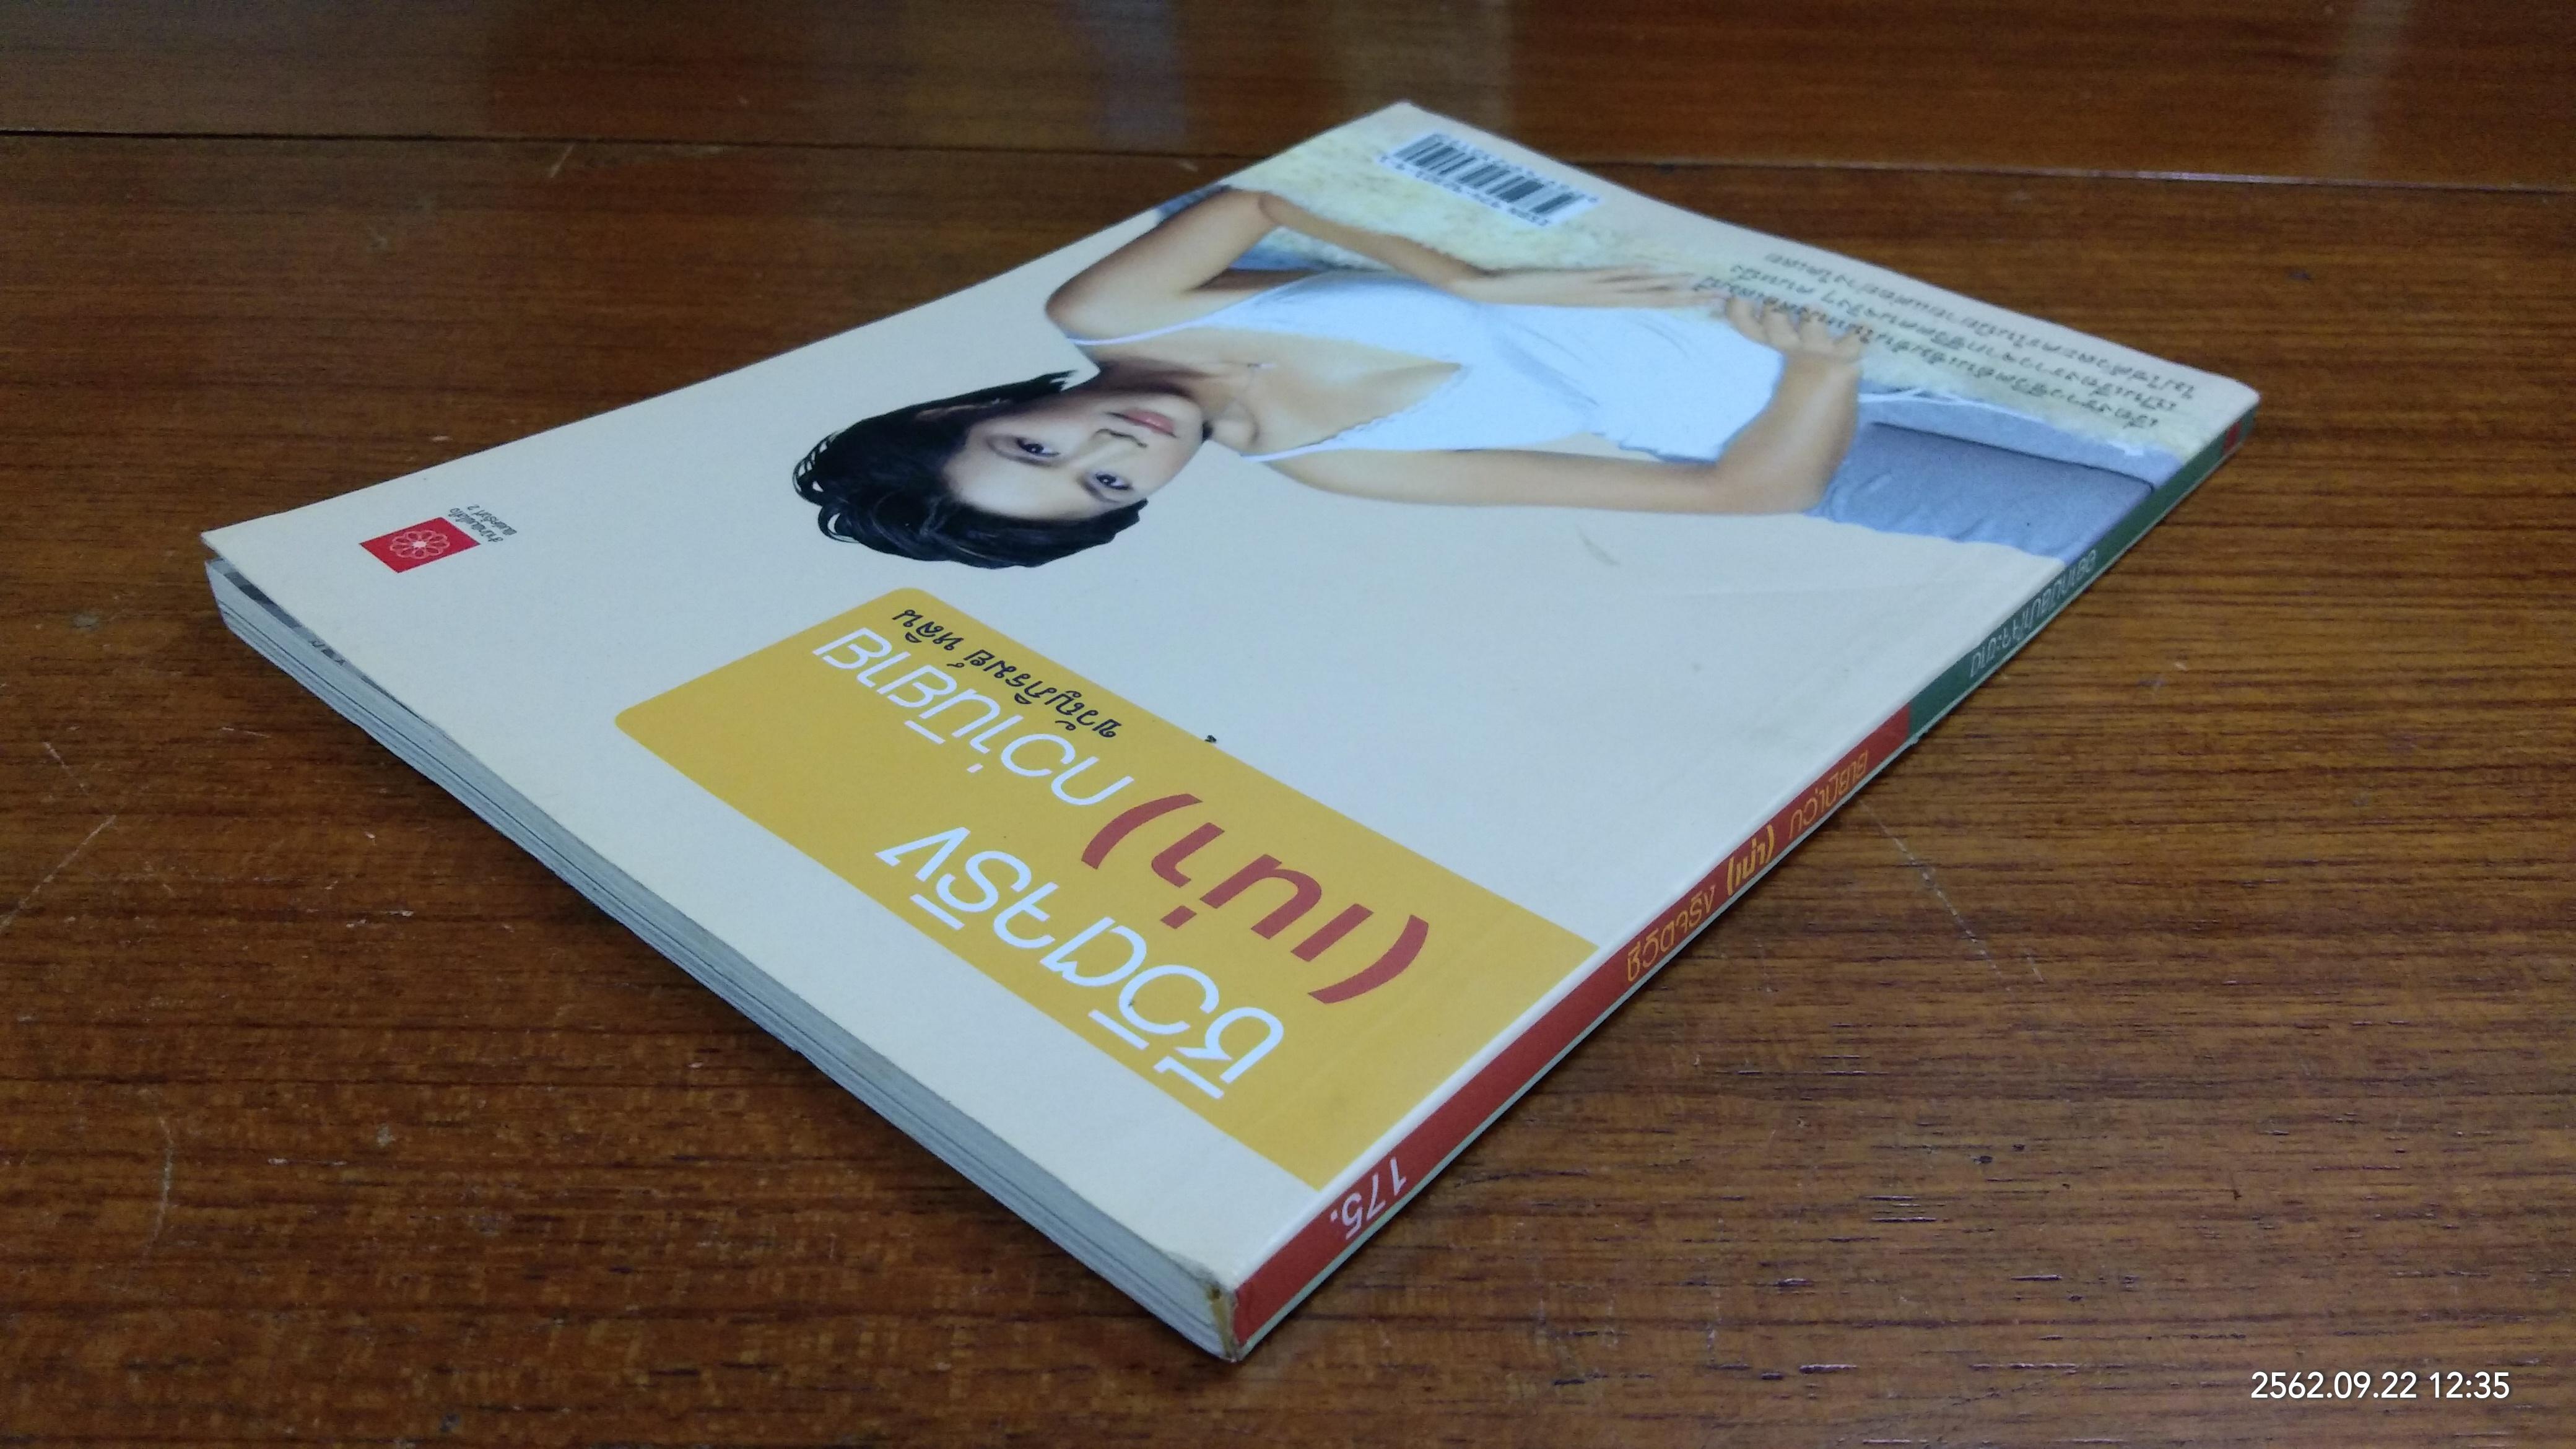 ชีวิตจริง (เน่า) กว่านิยาย / ขวัญภิรมย์ หลิน - มุมหนังสือ : Inspired by  LnwShop.com